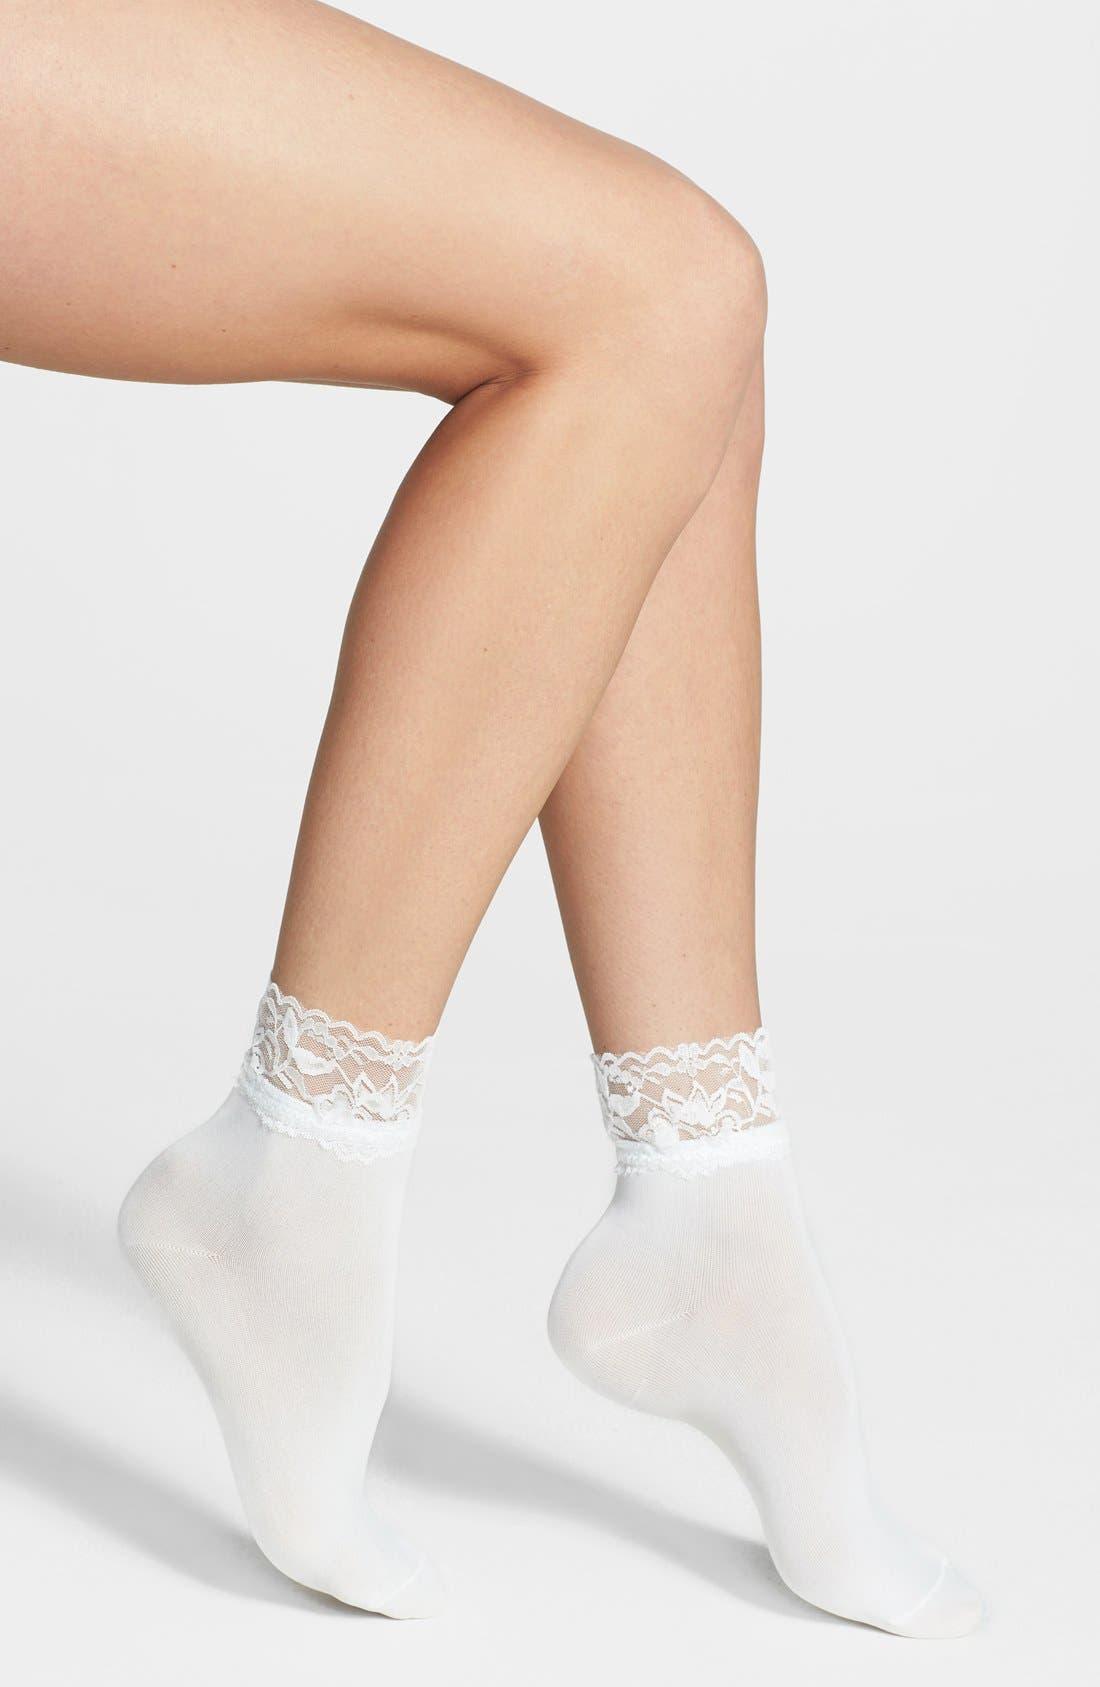 Main Image - kensie Lace Trim Anklet Socks